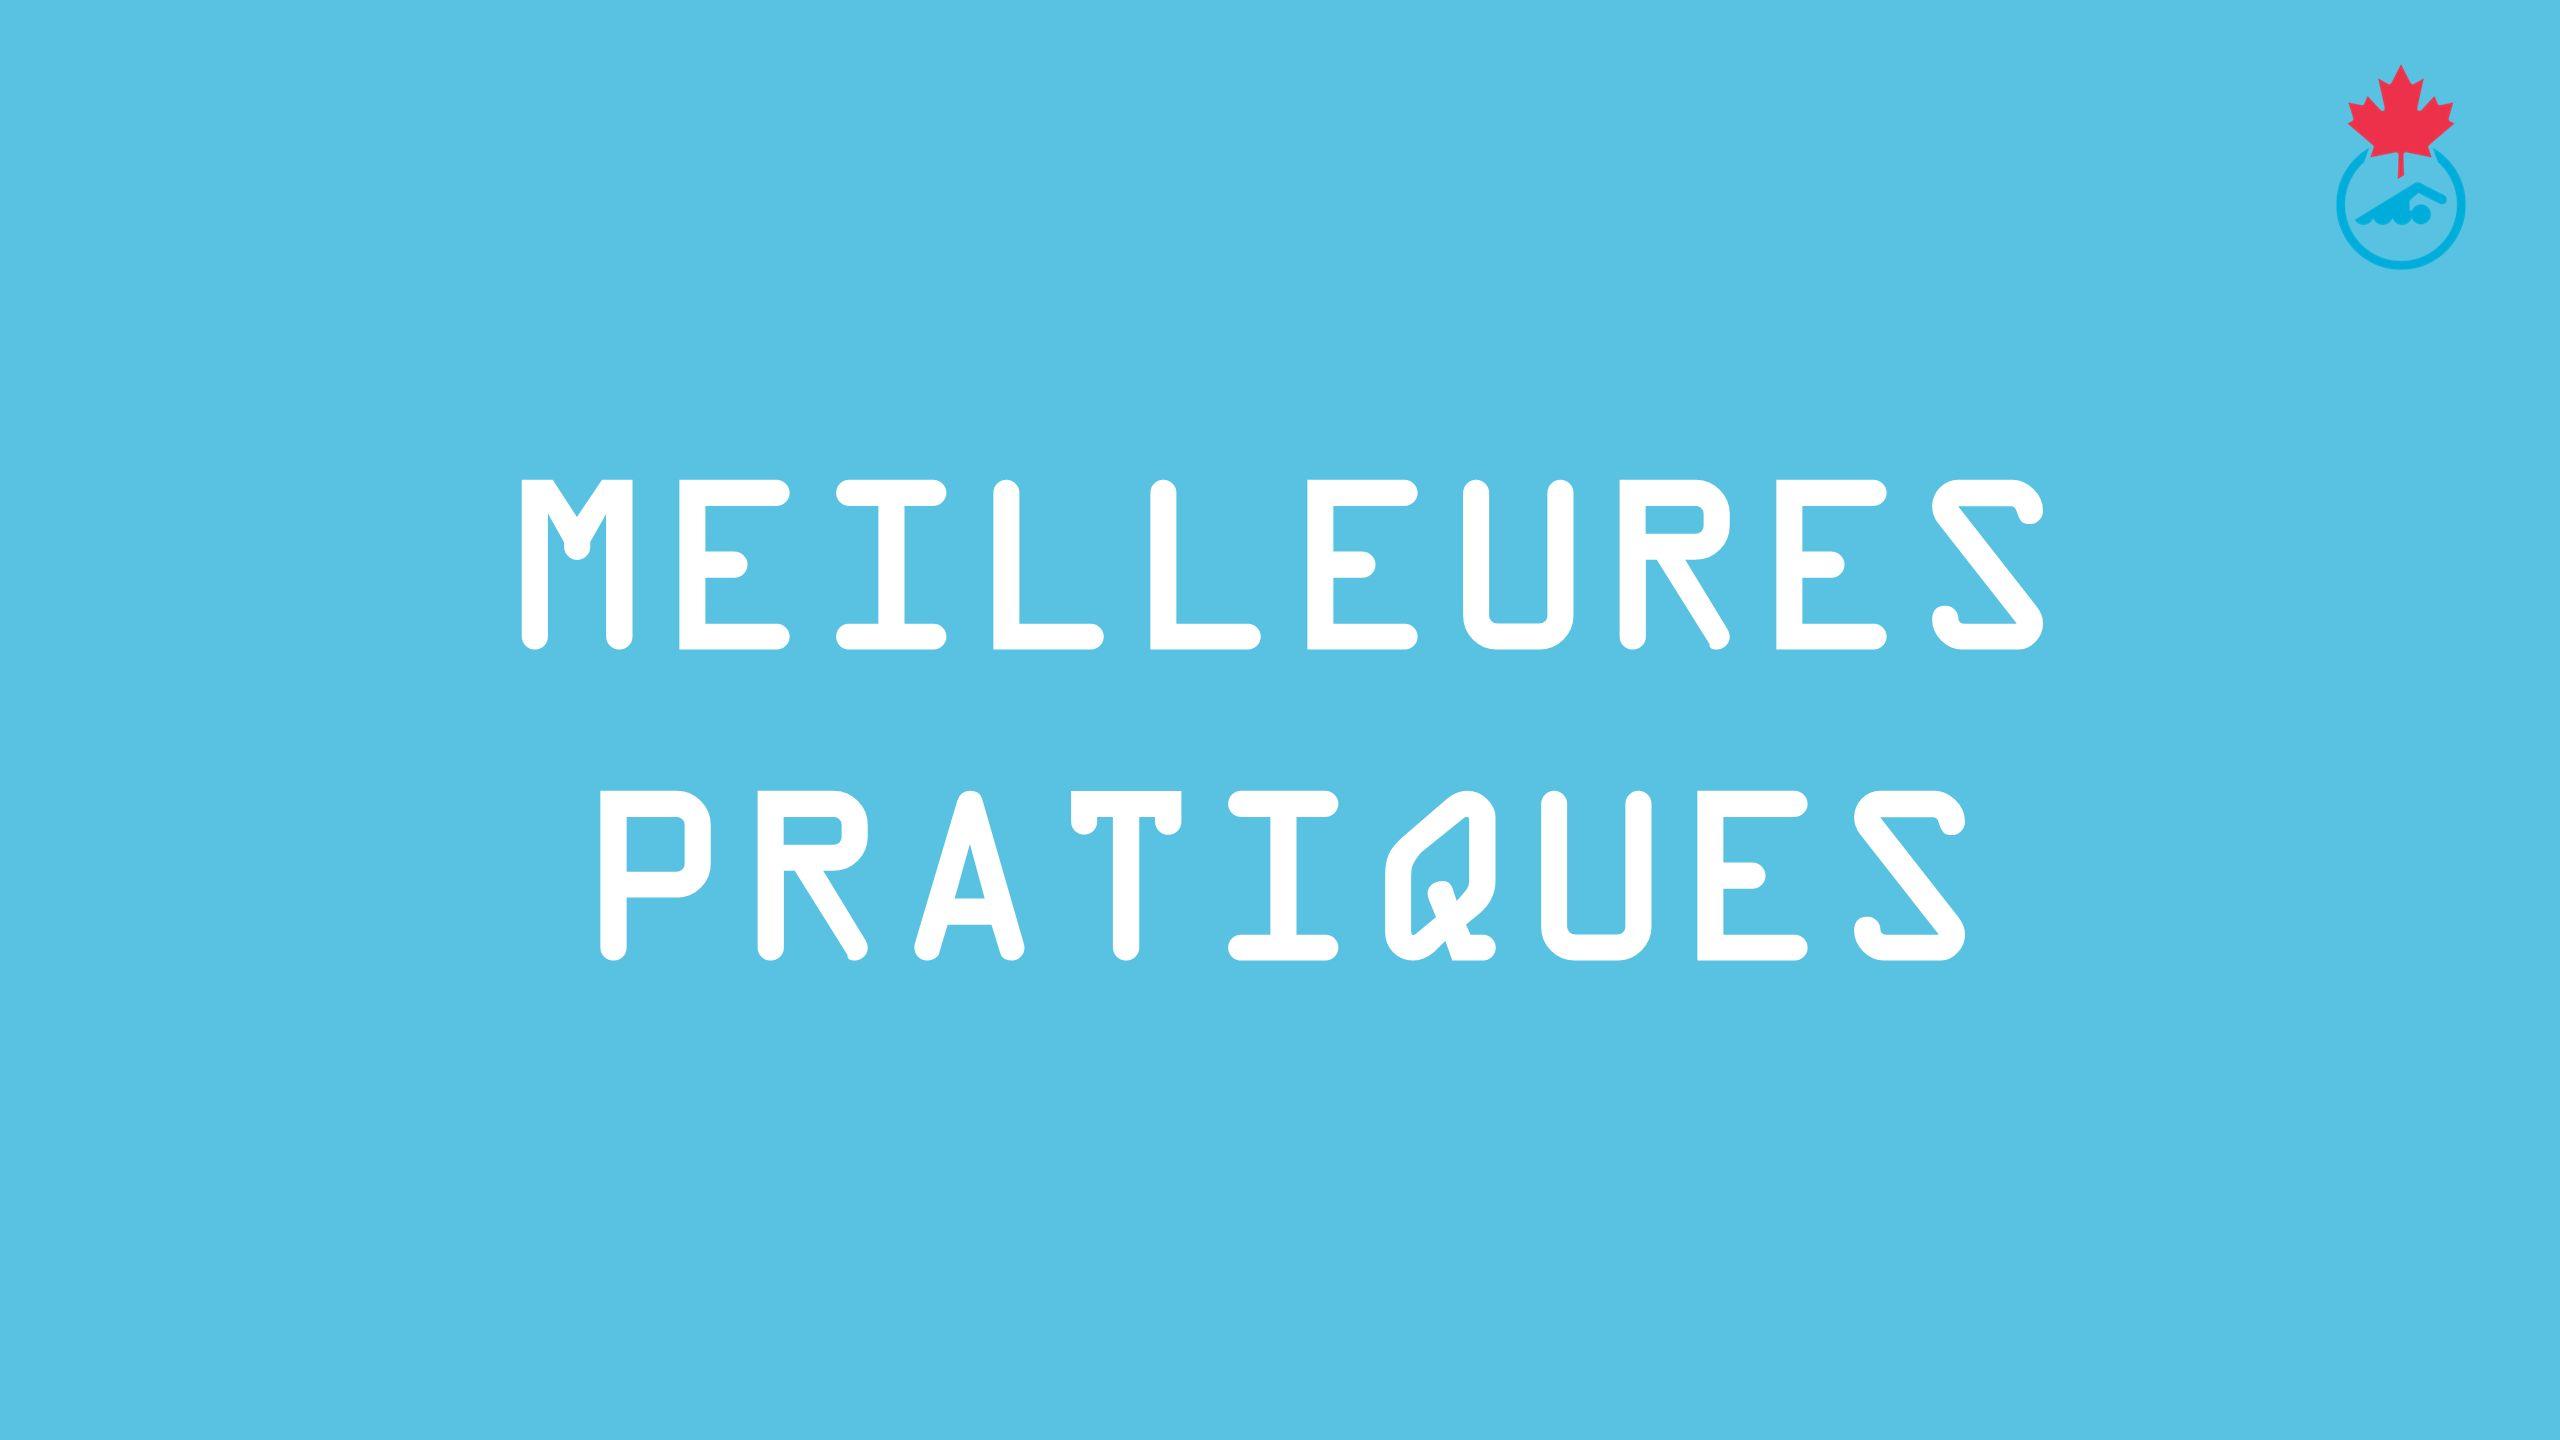 MEILLEURES PRATIQUES